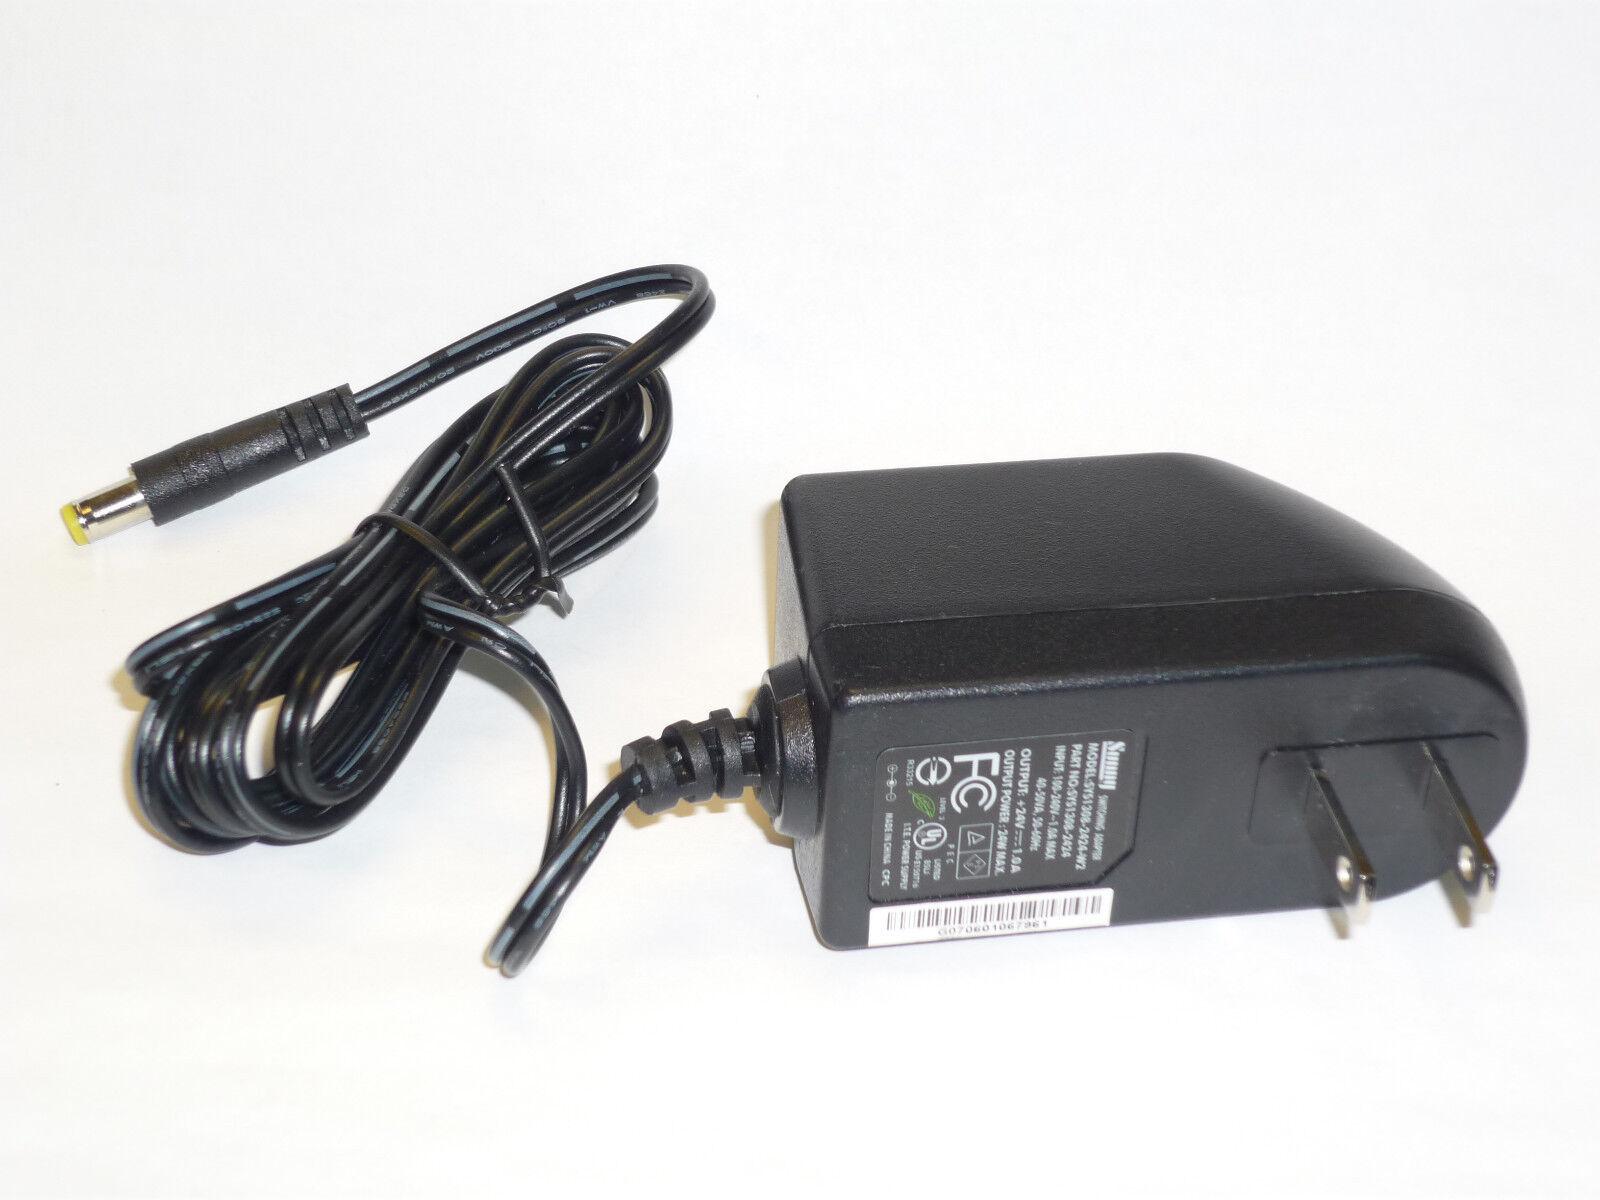 Franke Foodservice System 19003762 24-volt DC Power Supply